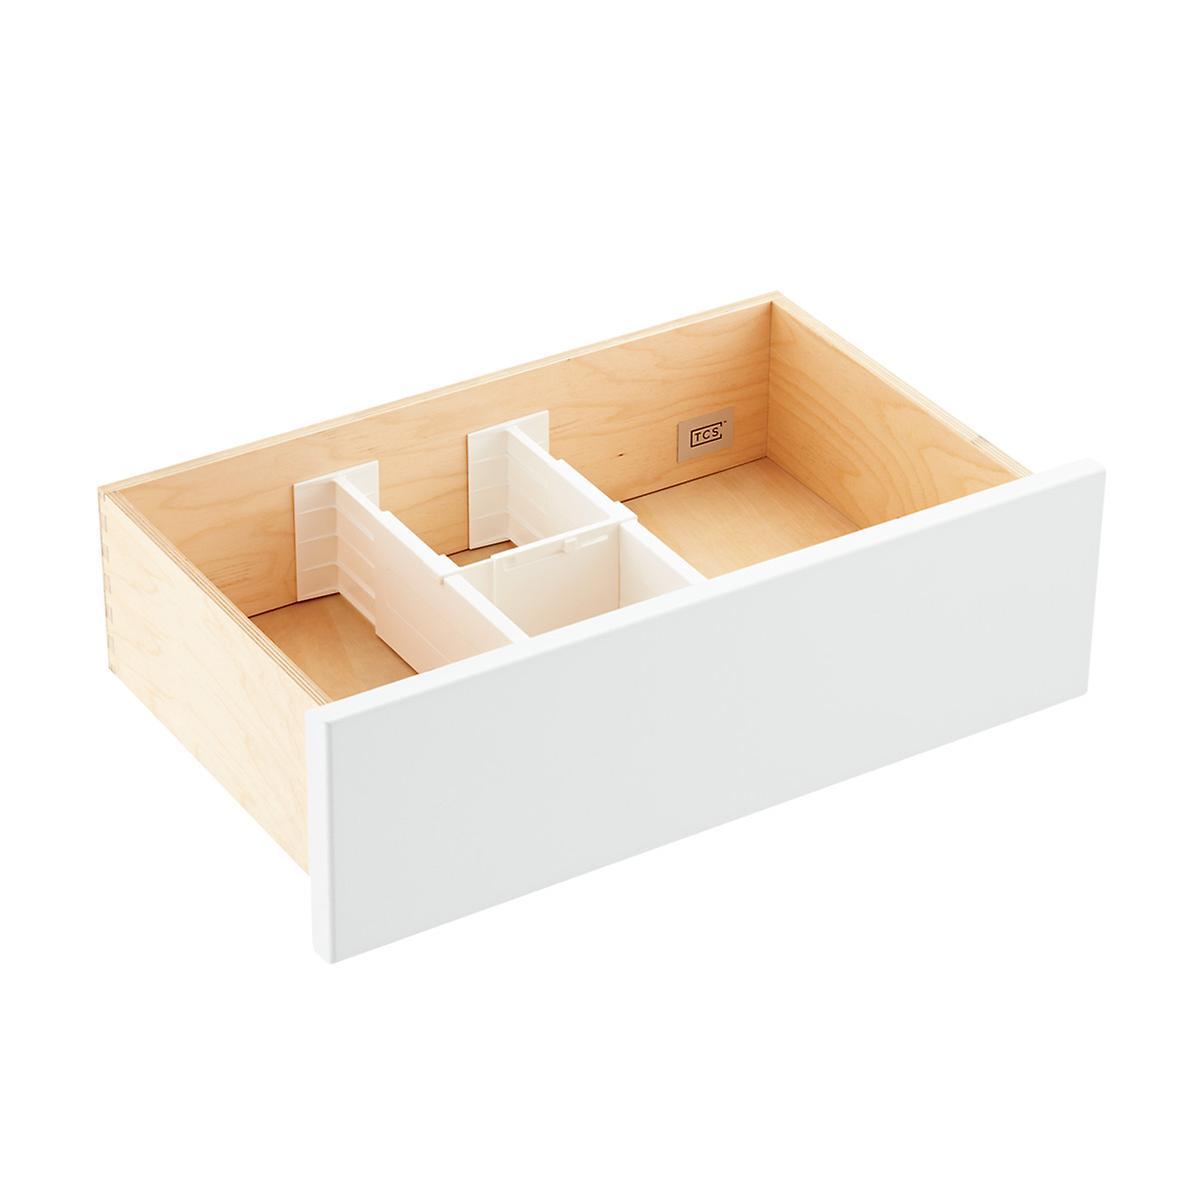 Dresser Drawer Organizer - 4